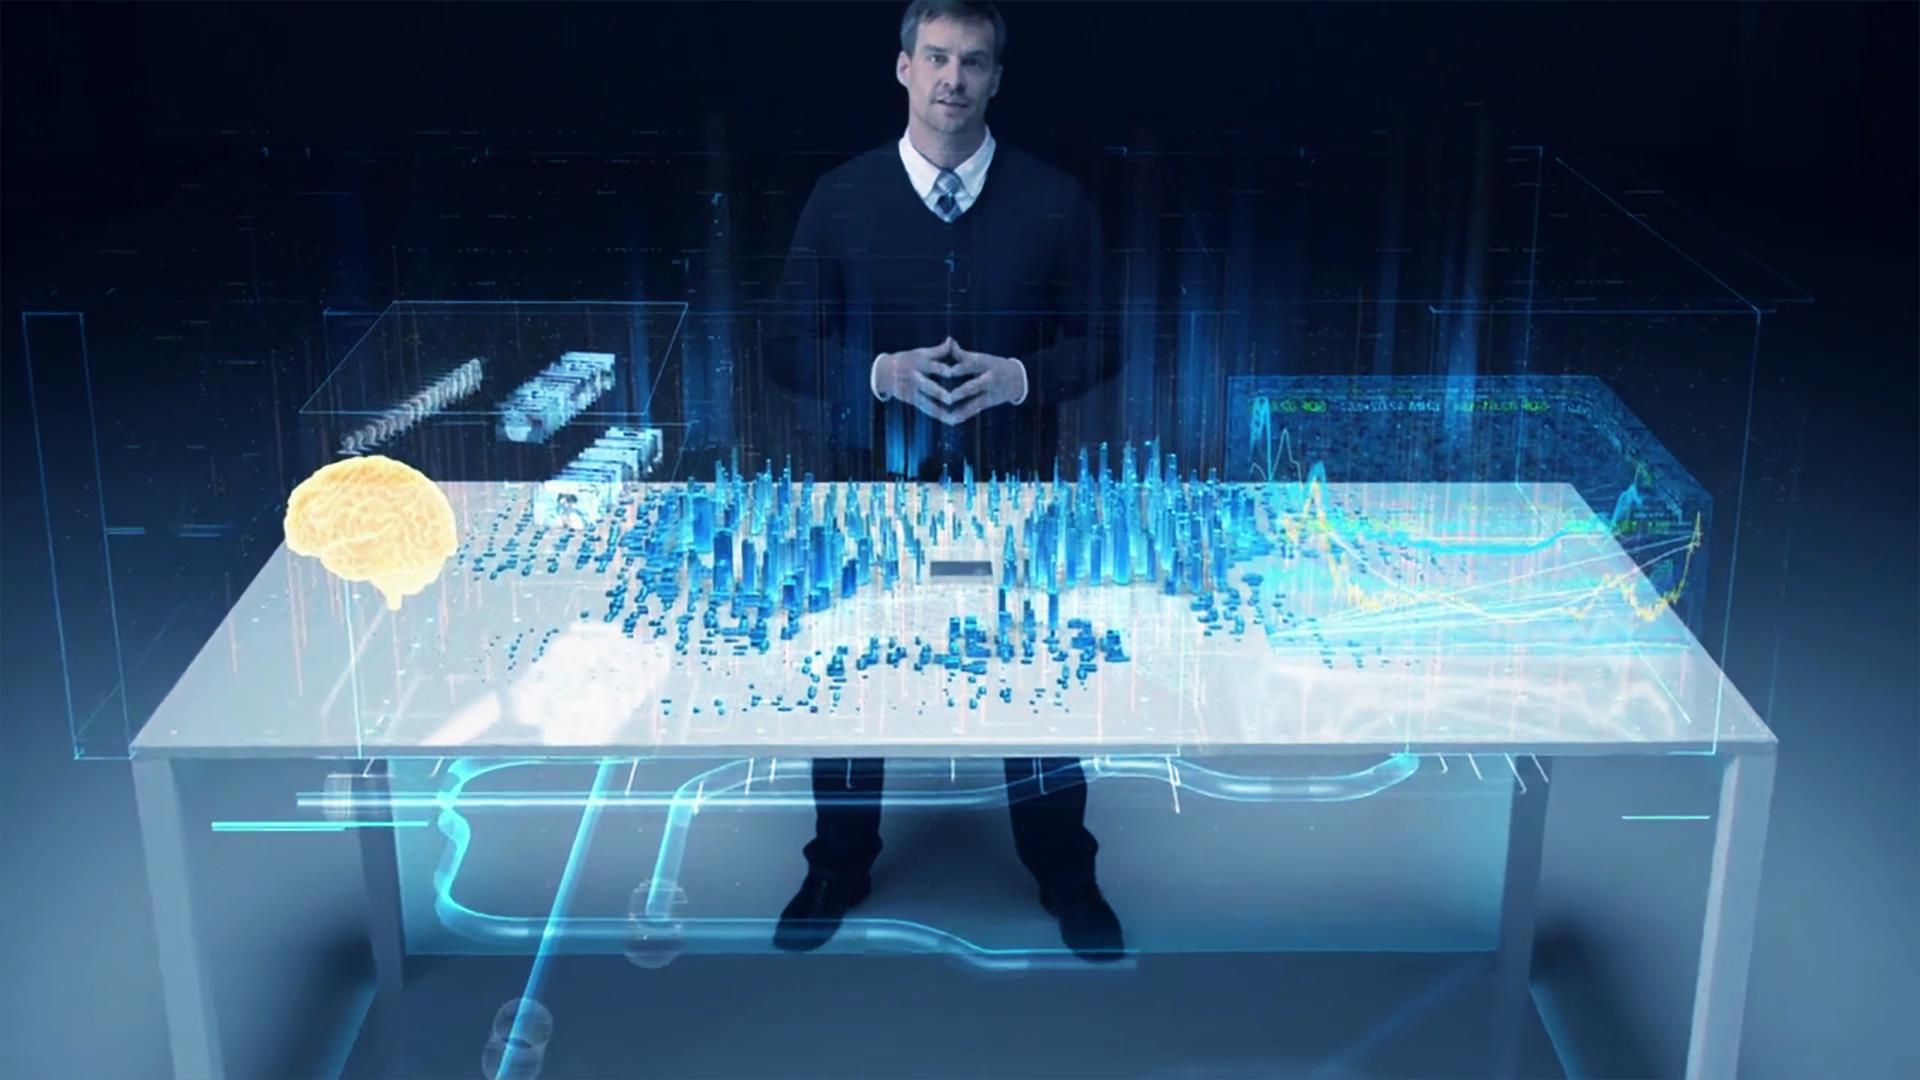 超强技术虚拟场景建筑大脑未来科技发展蓝图宣传片高清视频实拍